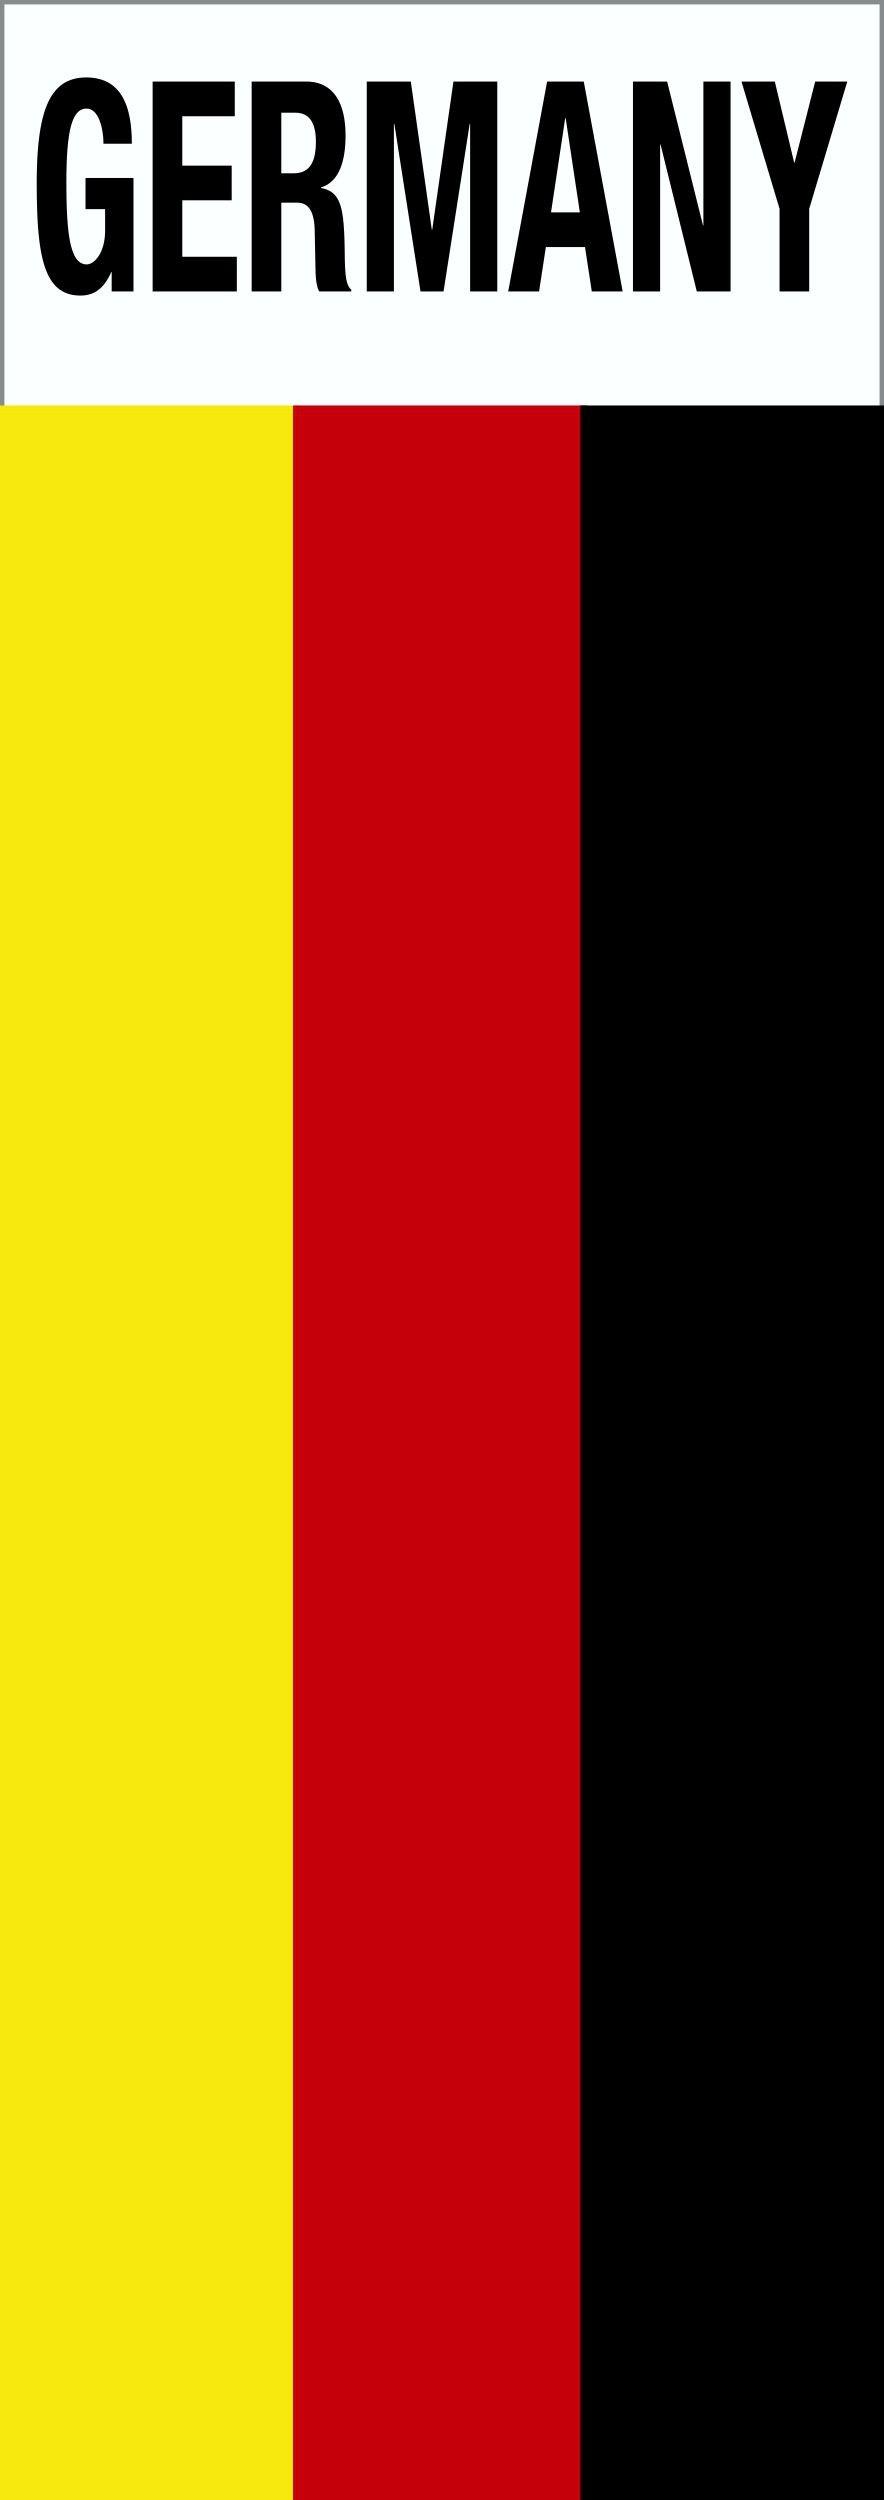 Autocollant drapeau avec écriture Germany 110 x 40 mm – Bild 1